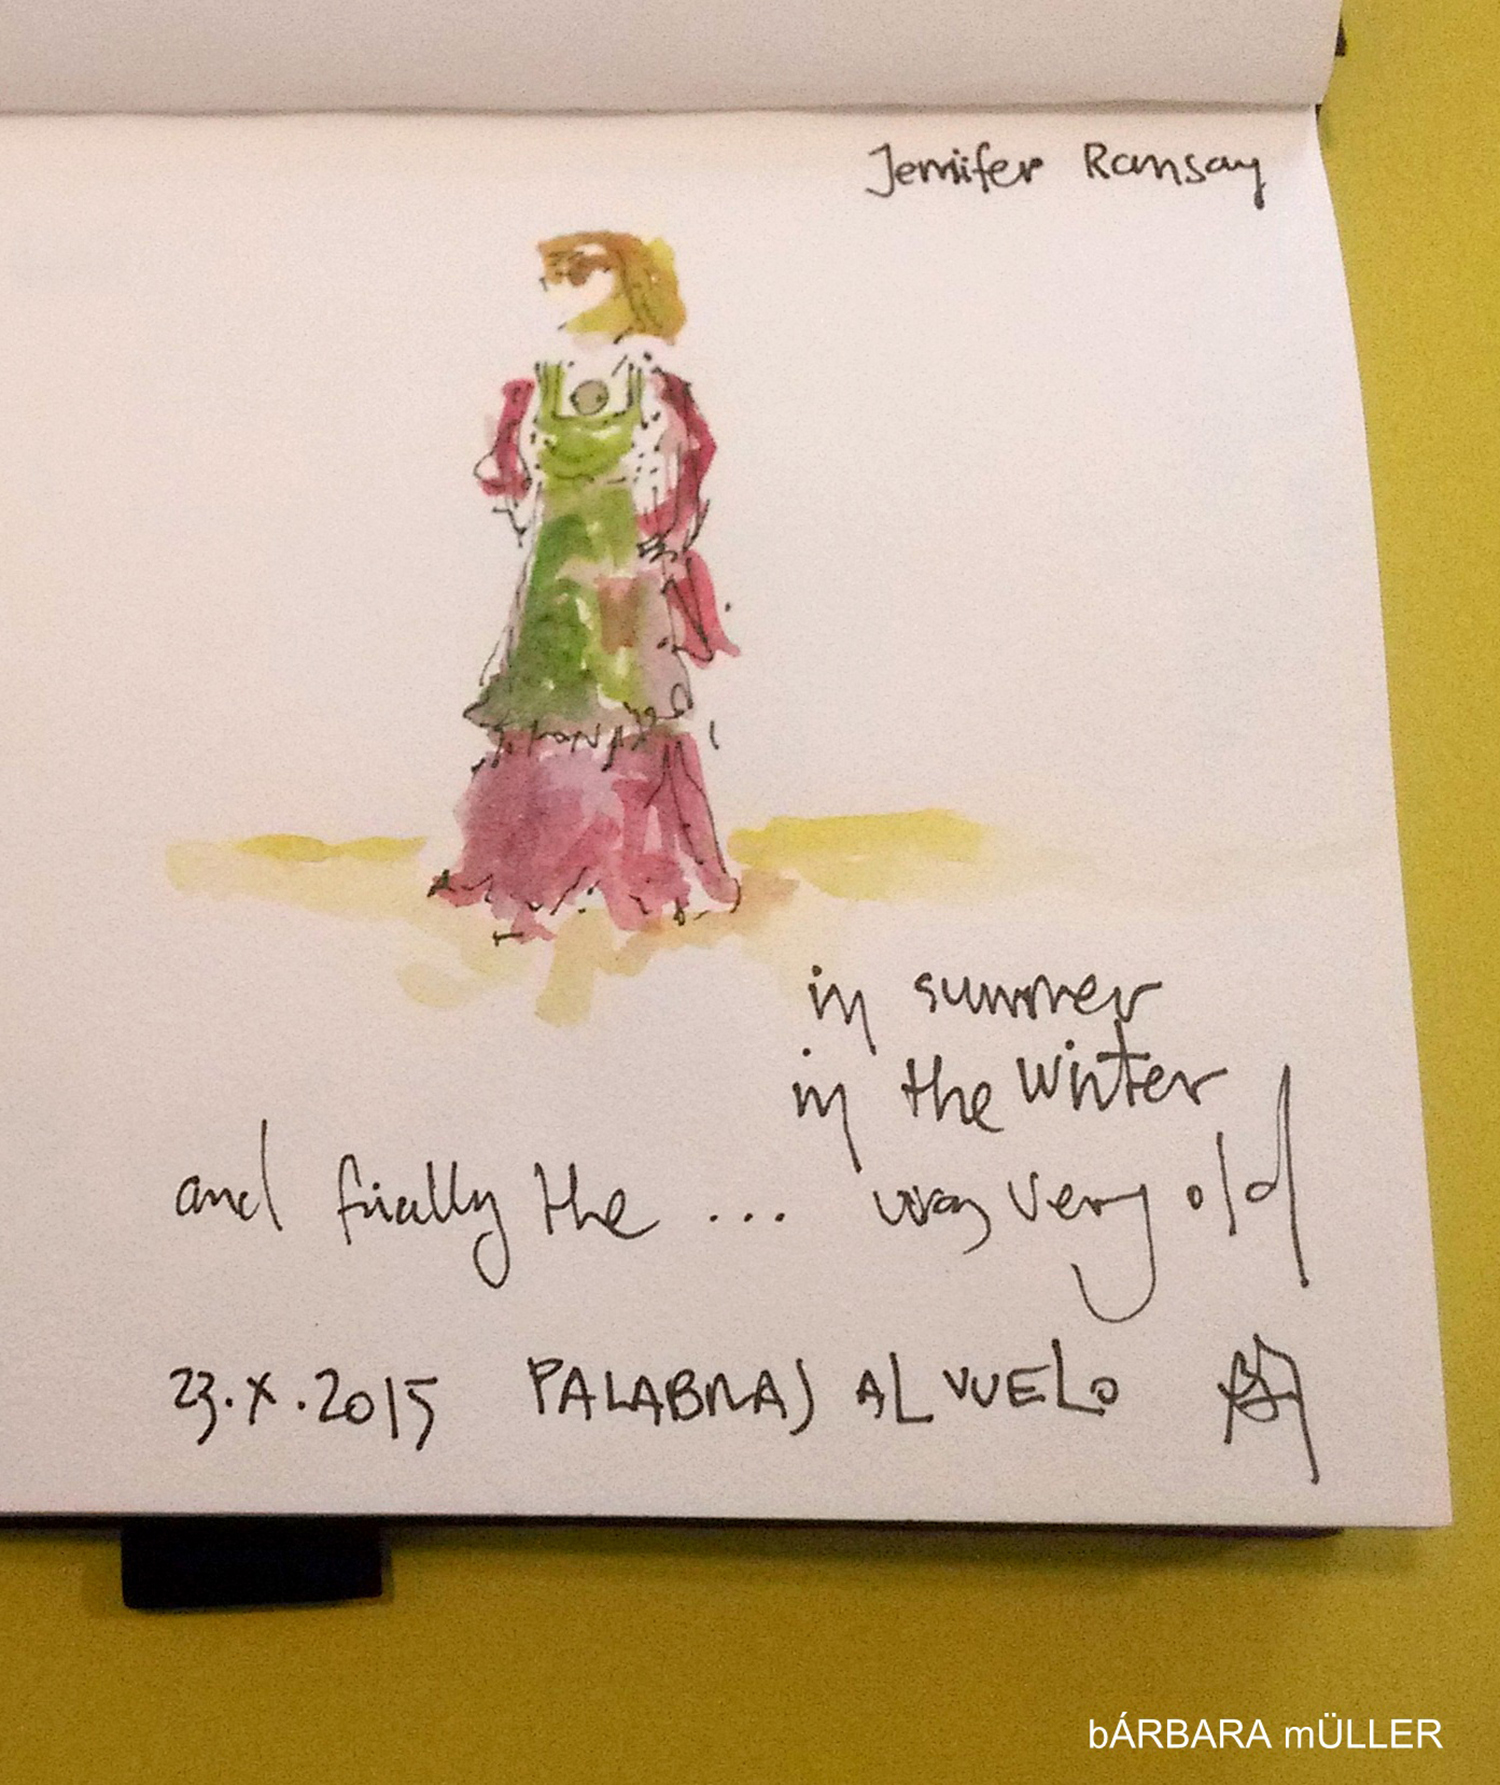 dibujos sketcher urbansketcher outline barbara muller lanzarote canary island